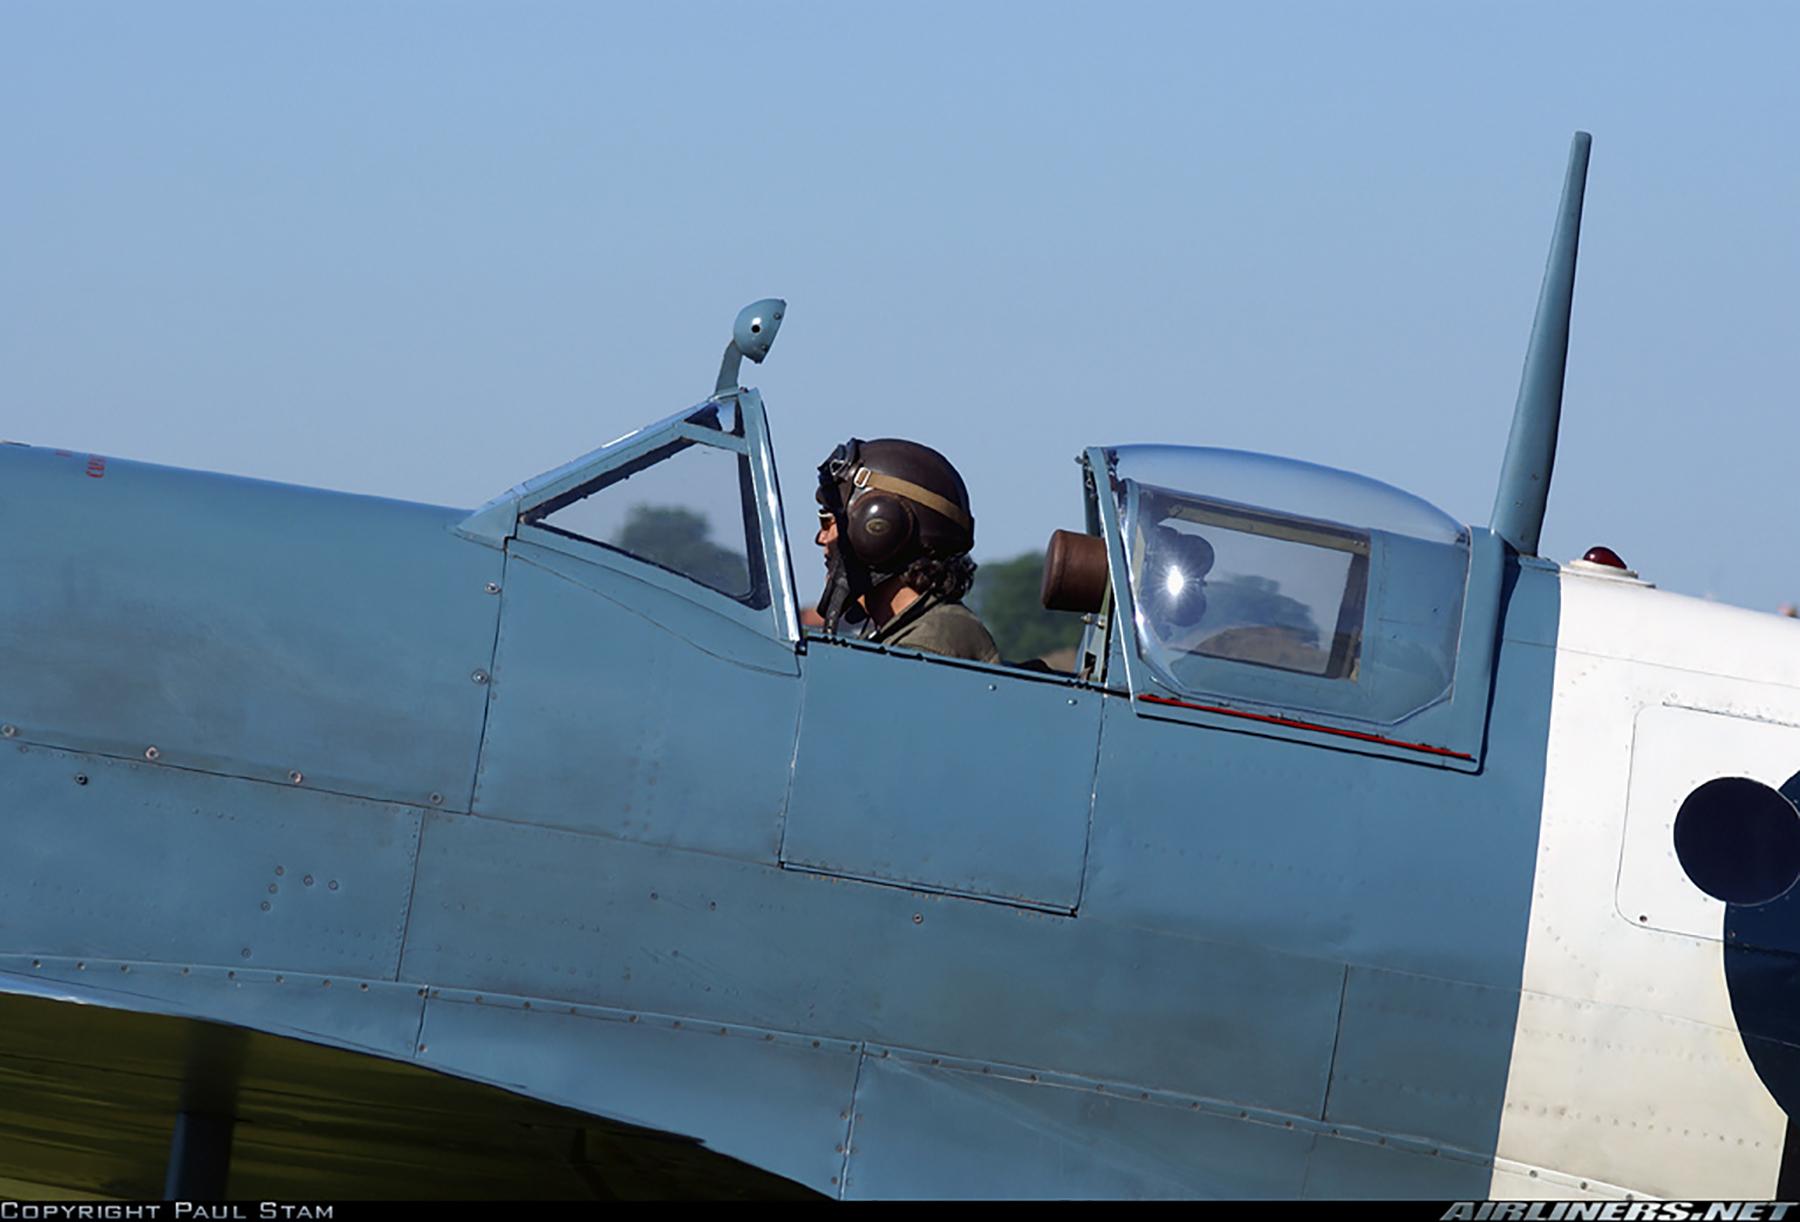 Airworthy Spitfire warbird PRXI RAF 16Sqn R PL965 42